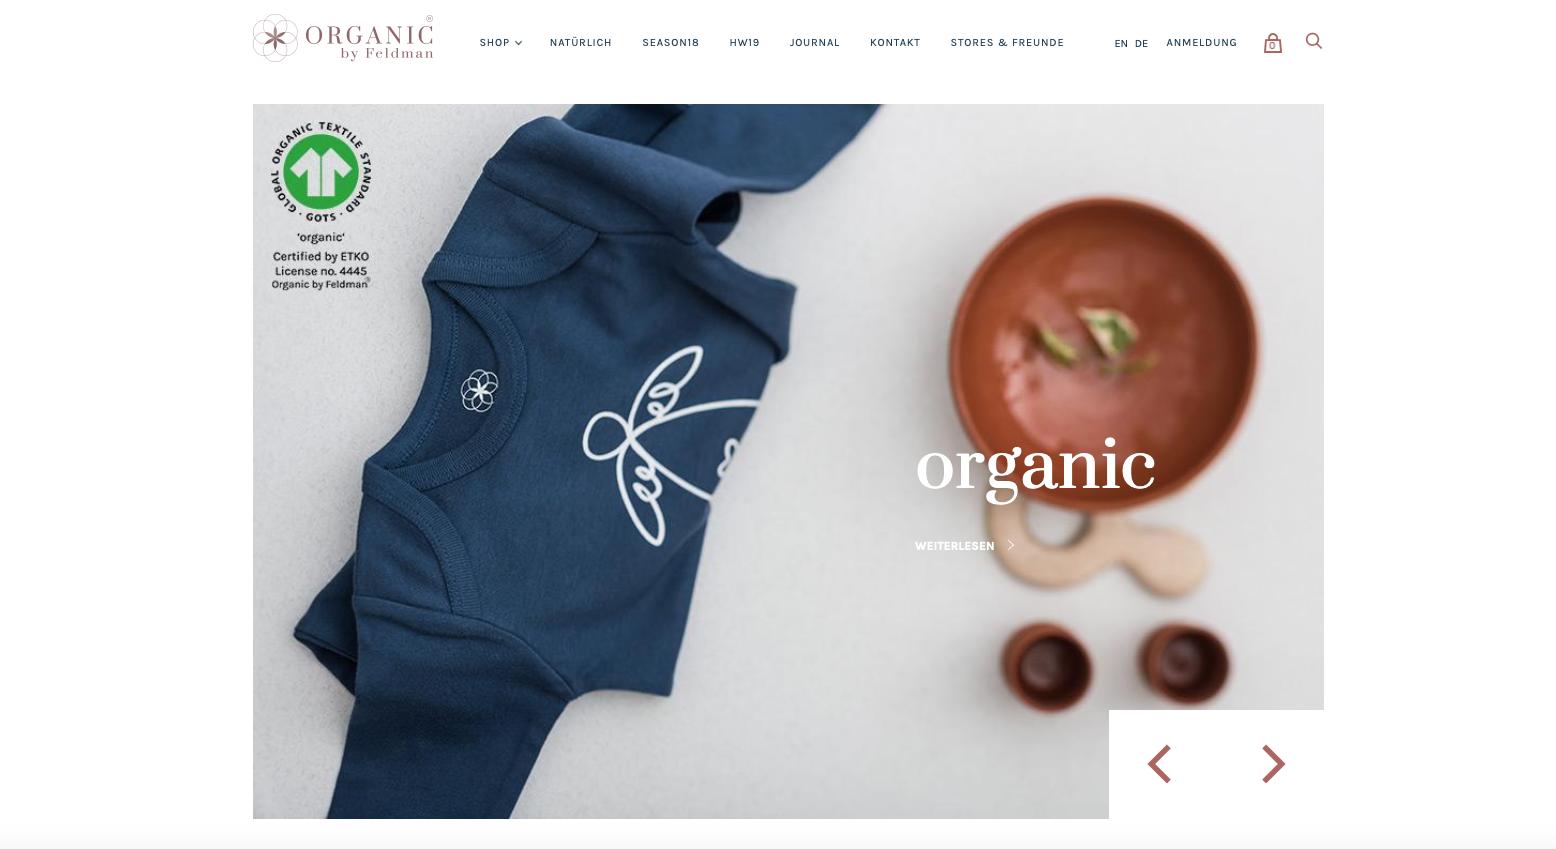 Stolz wirbt das Label auf seiner Website www.organicbyfeldman.eu mit dem GOTS-Logo.